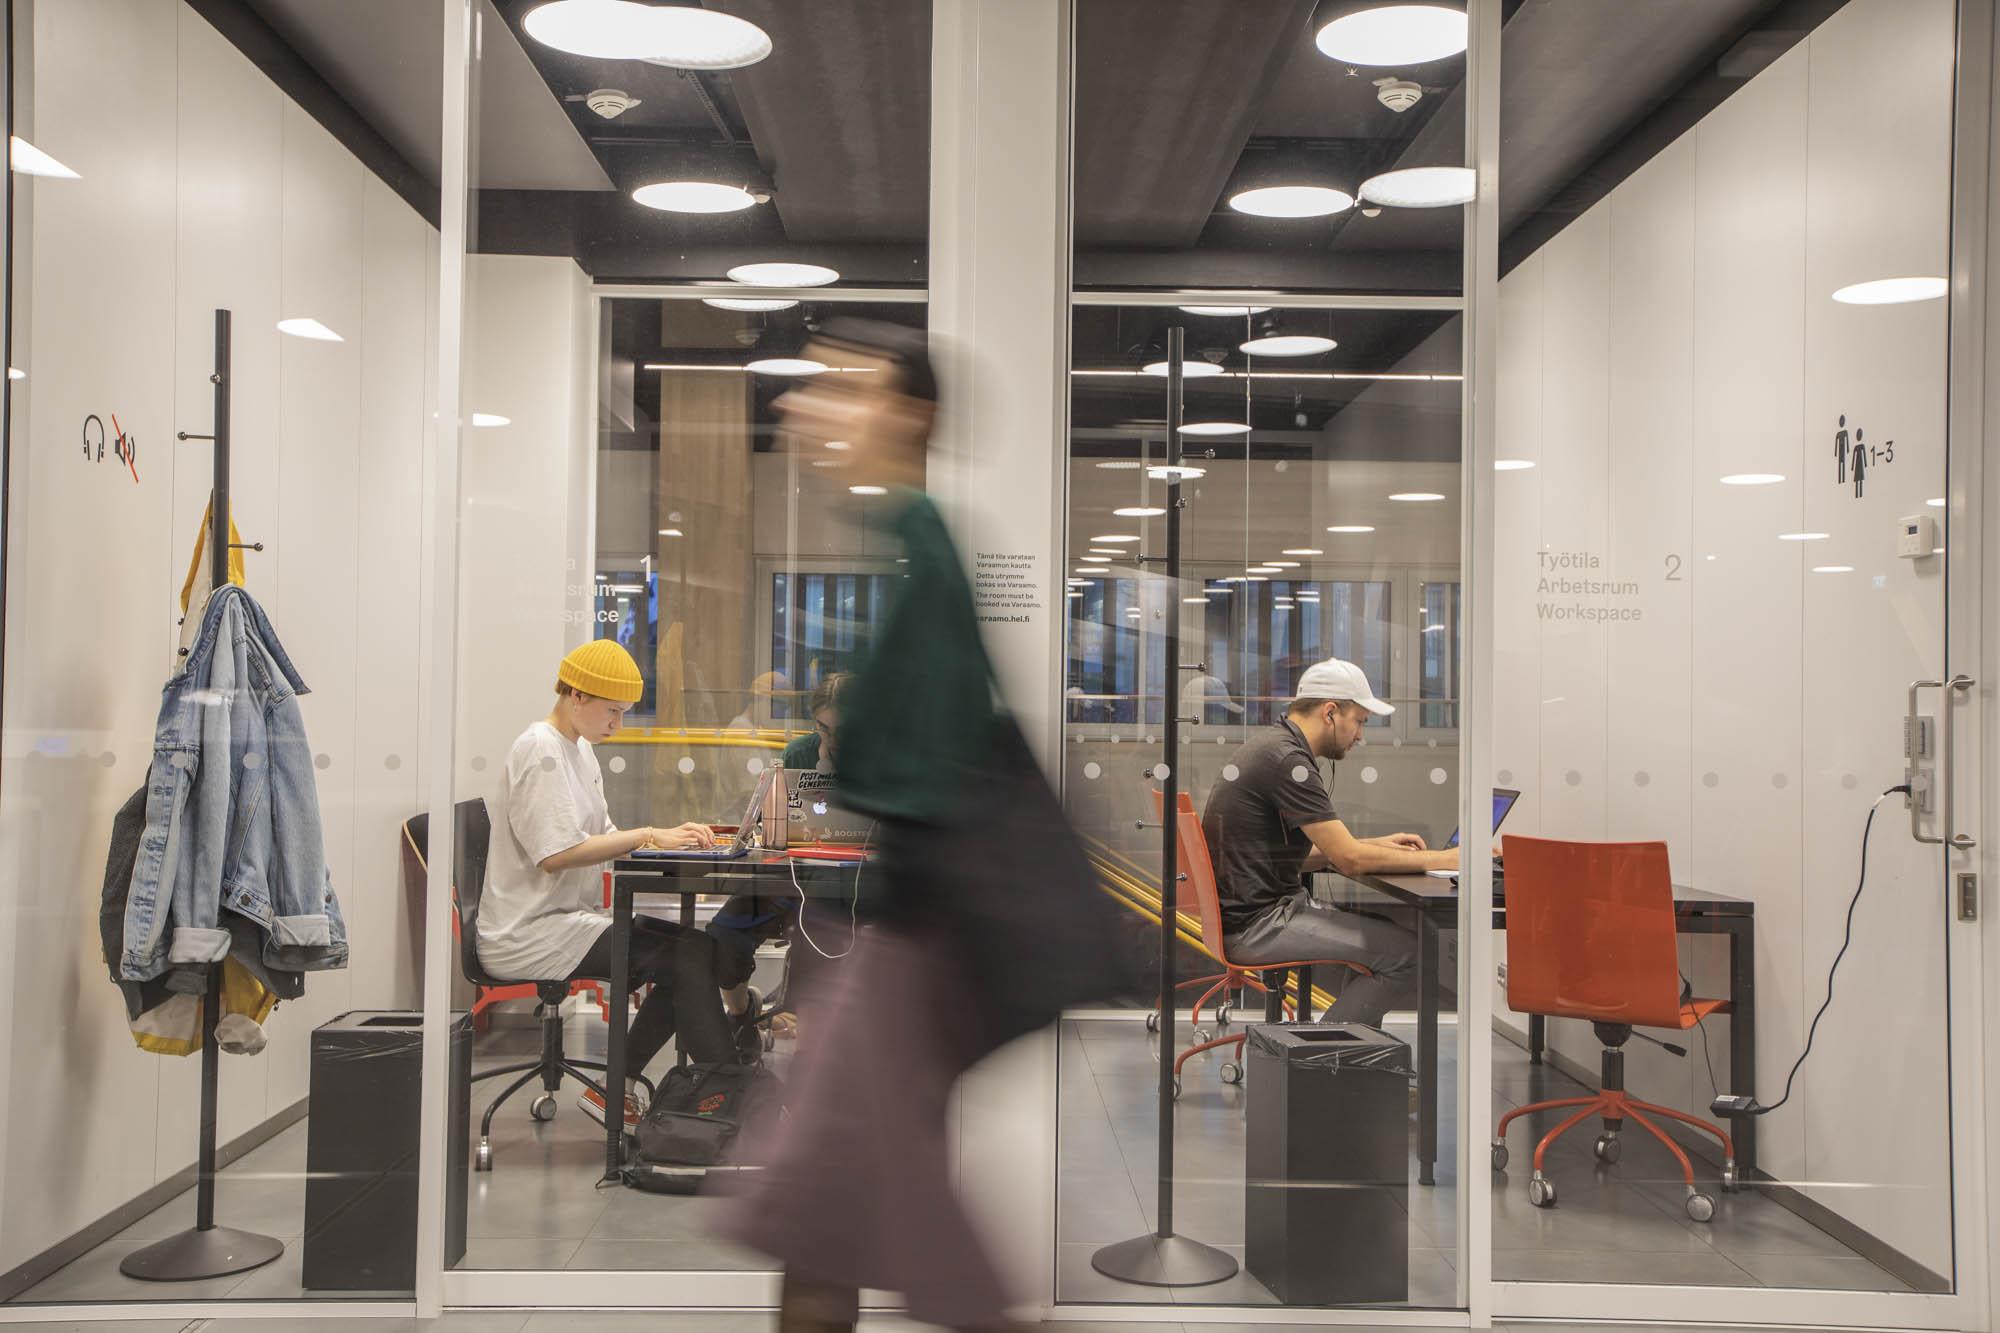 Finnland, Helsinki, Zentralbibliothek Oodi, die Arbeitsplätze im Gaskasten kann man auf Zeit mieten.